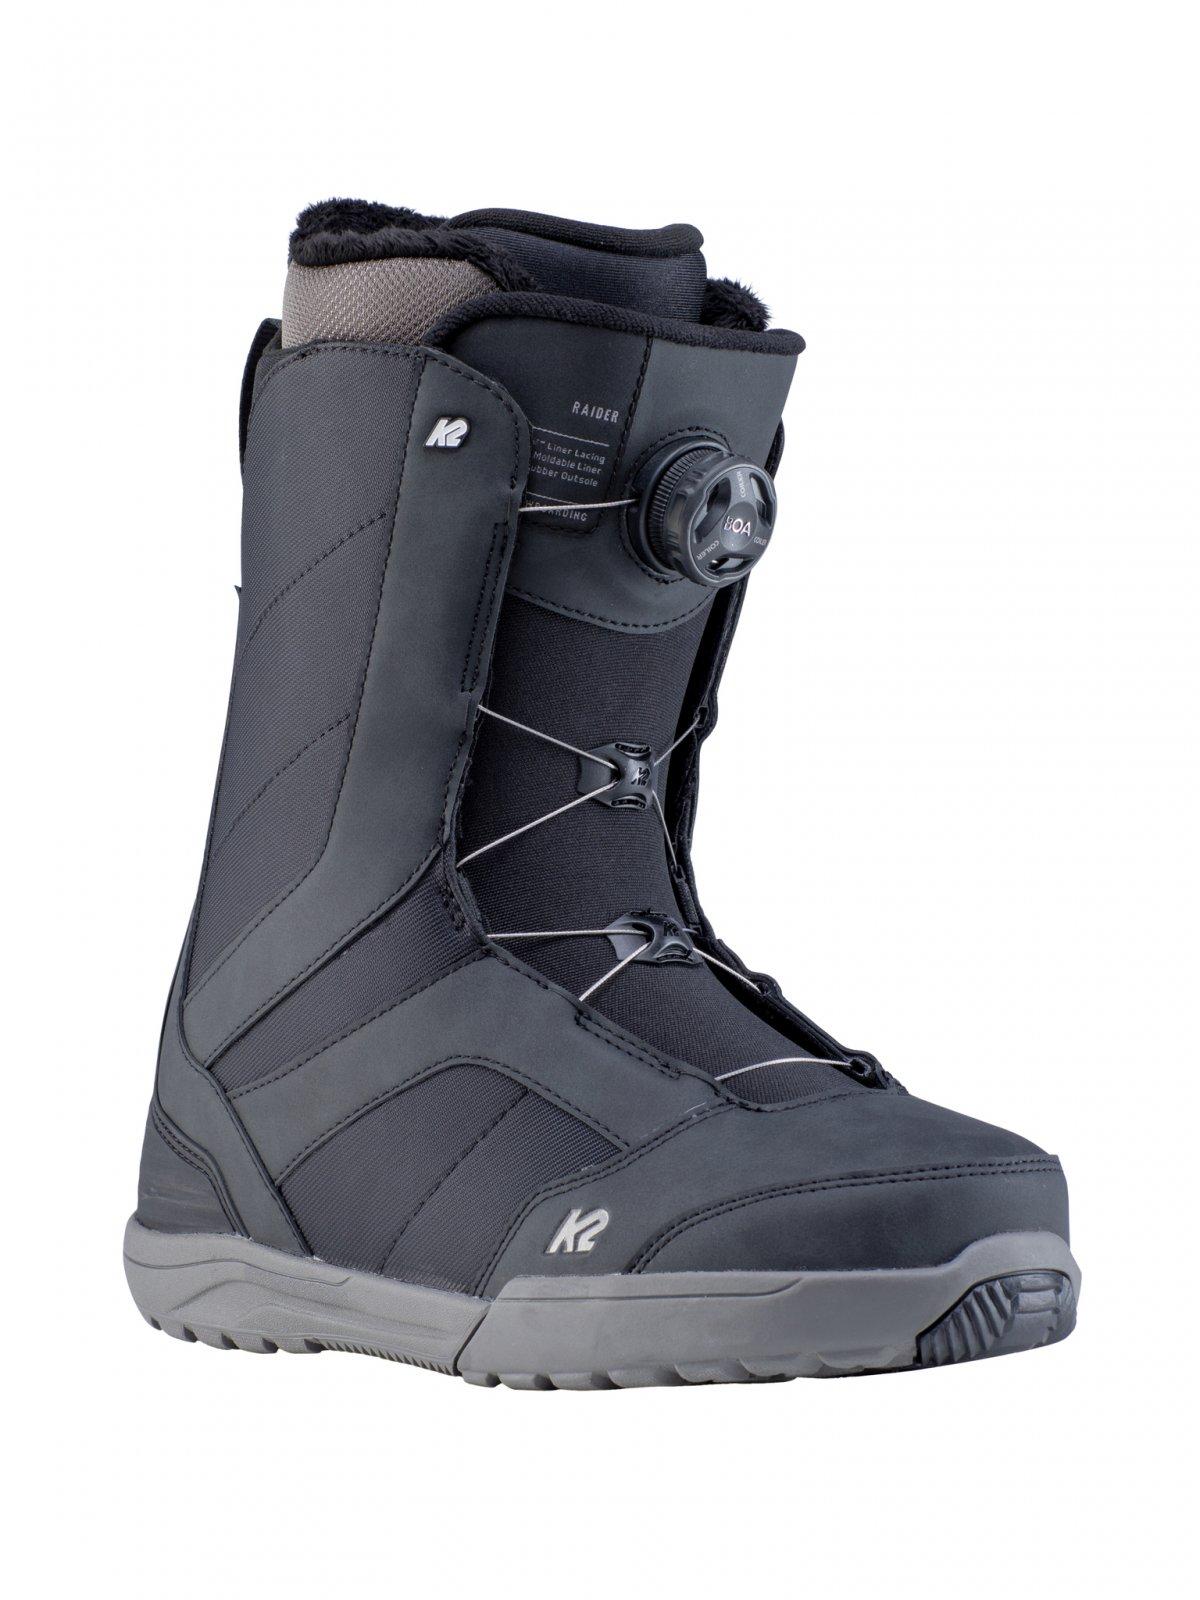 2020 K2 Raider Snowboard Boots